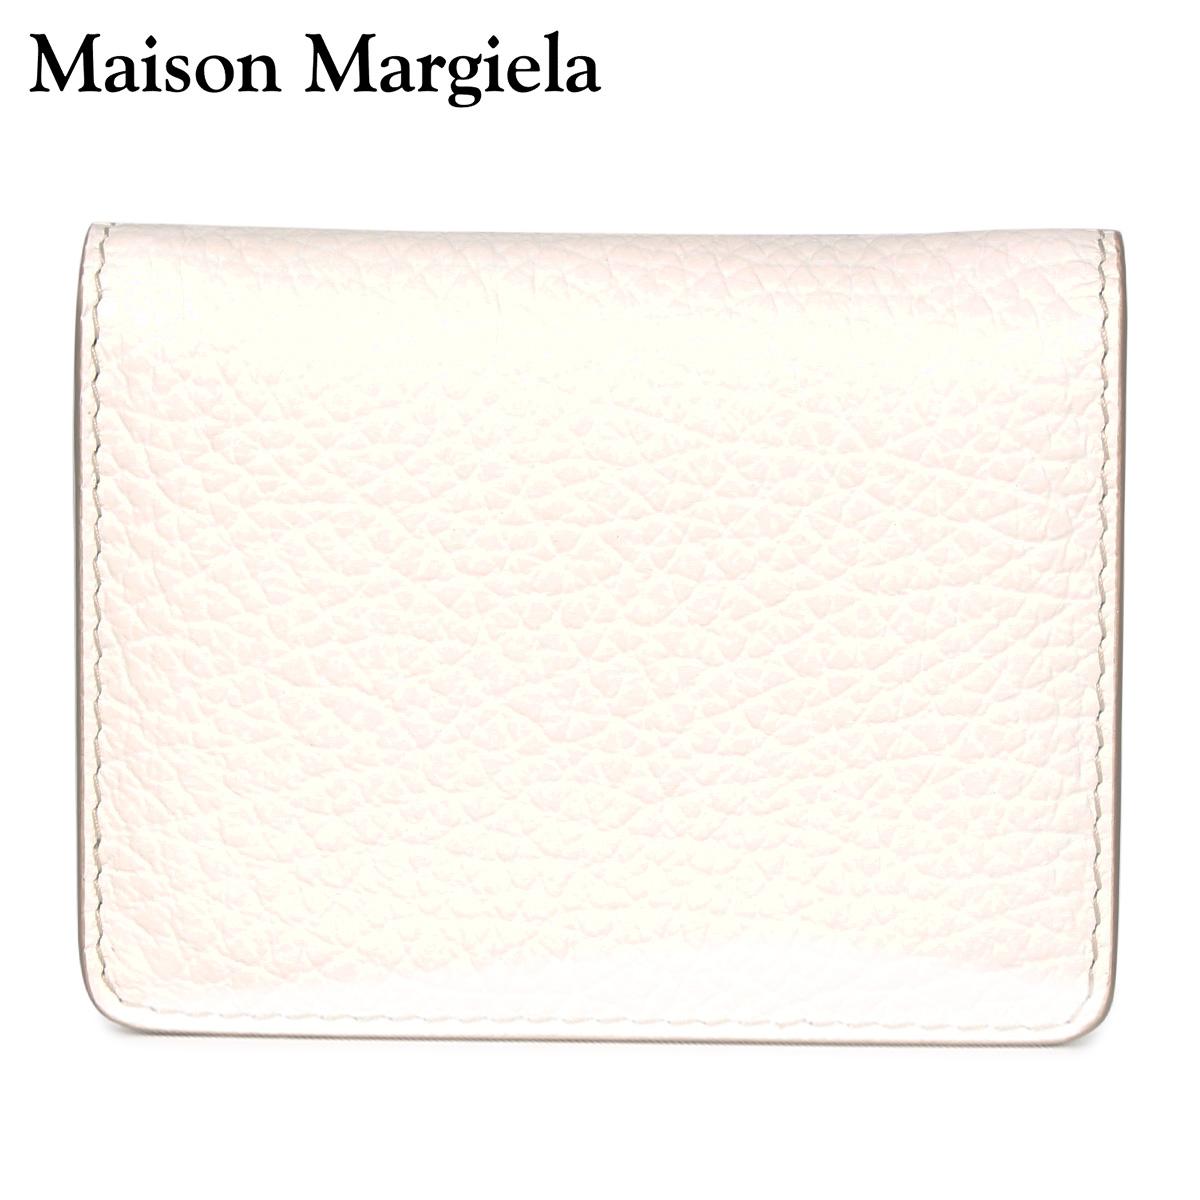 MAISON MARGIELA メゾンマルジェラ パスケース カードケース ID 定期入れ メンズ レディース CARD CASE ホワイト 白 S56UI0128 [4/13 新入荷]